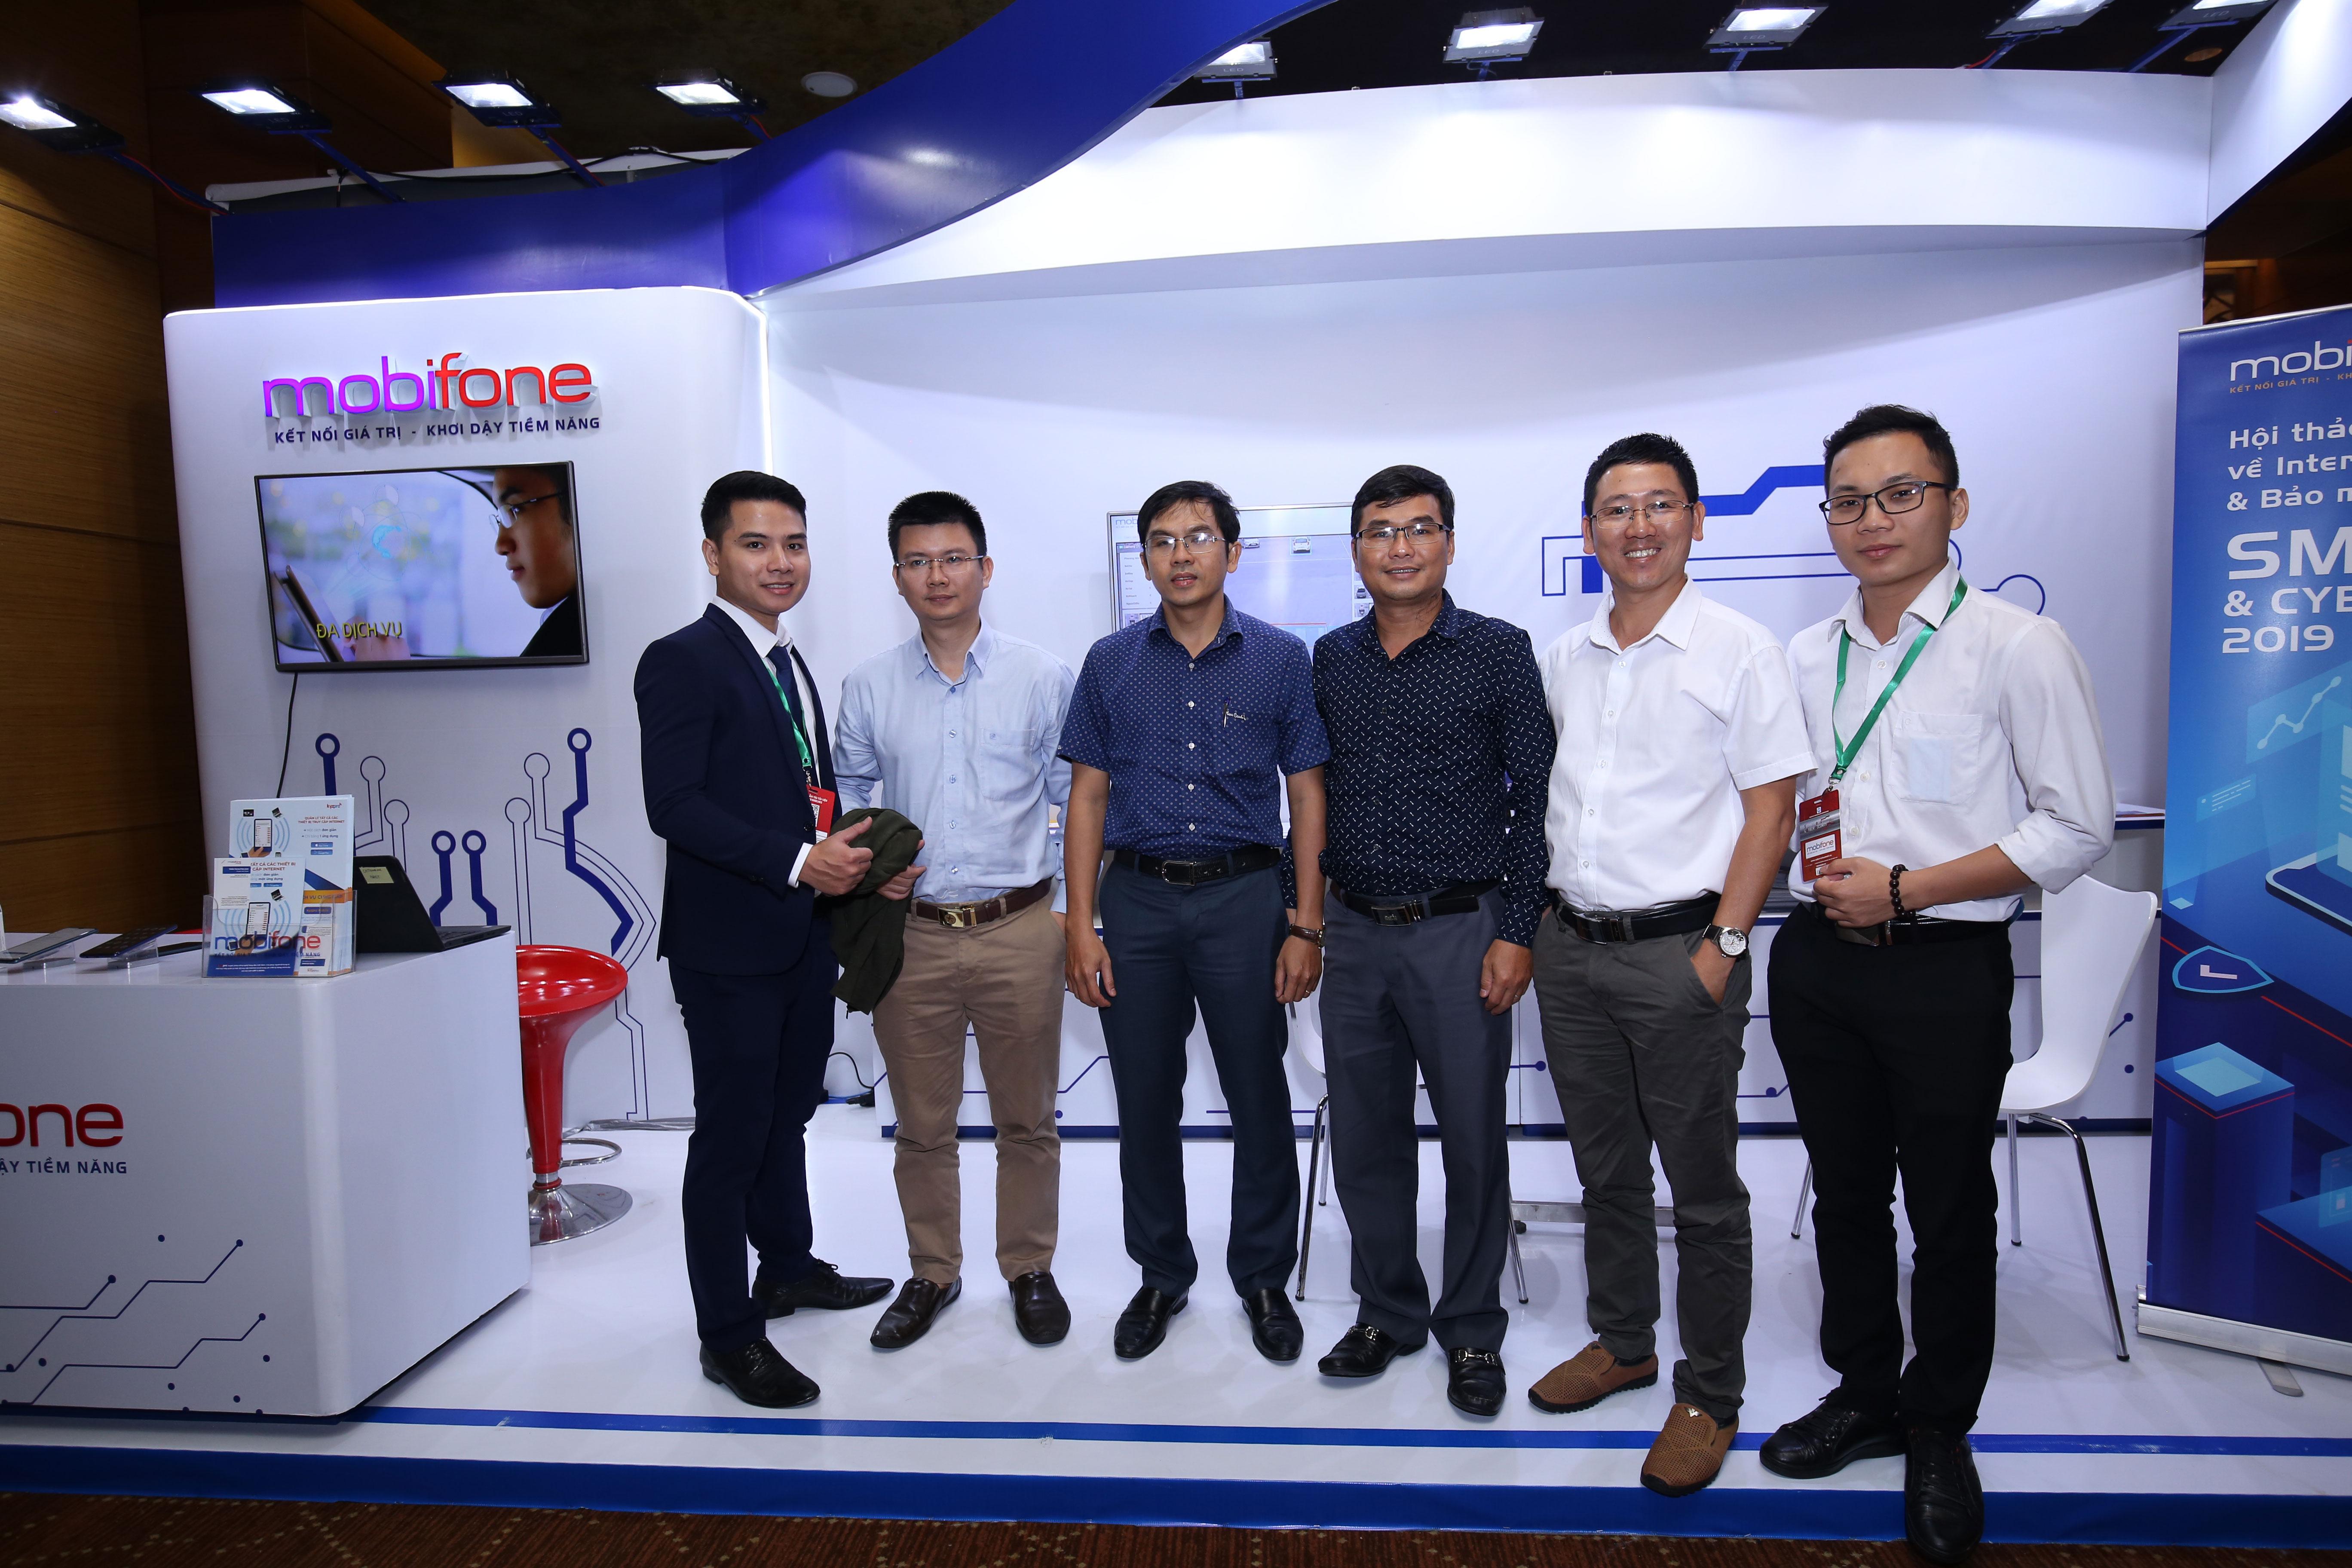 Mobifone Vietnam